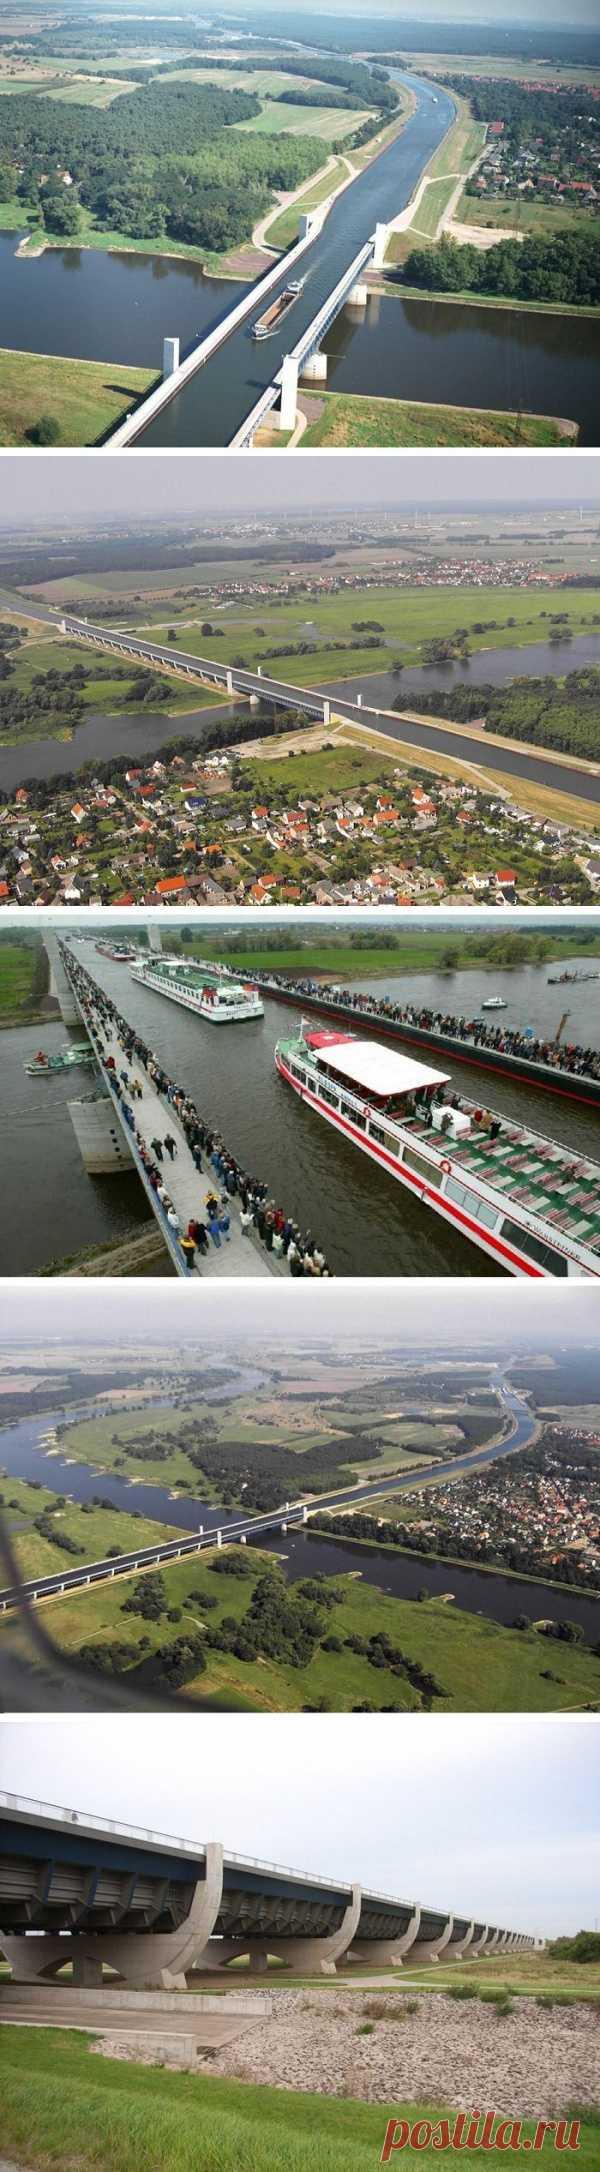 Это удивительно! Водный мост над рекой! Германия